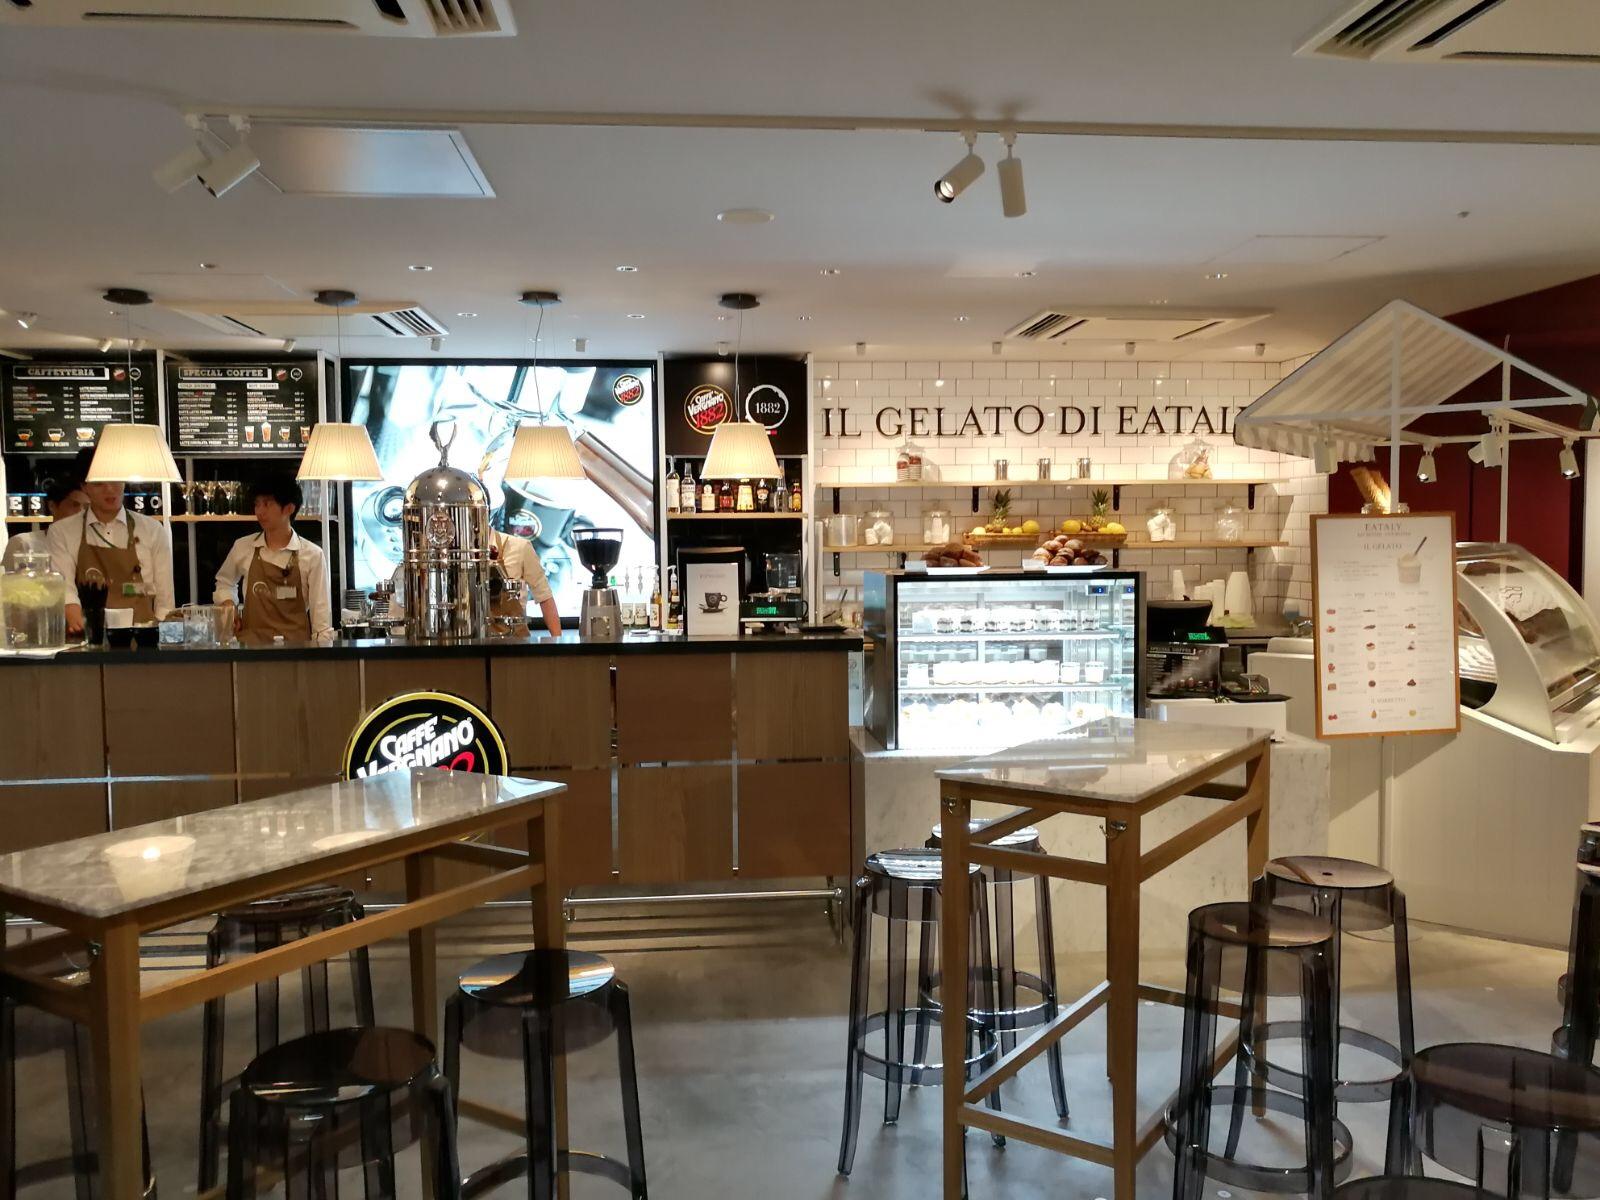 Caff vergnano ha inaugurato a tokyo una nuova caffetteria for Negozi di arredamento del distretto di design dallas